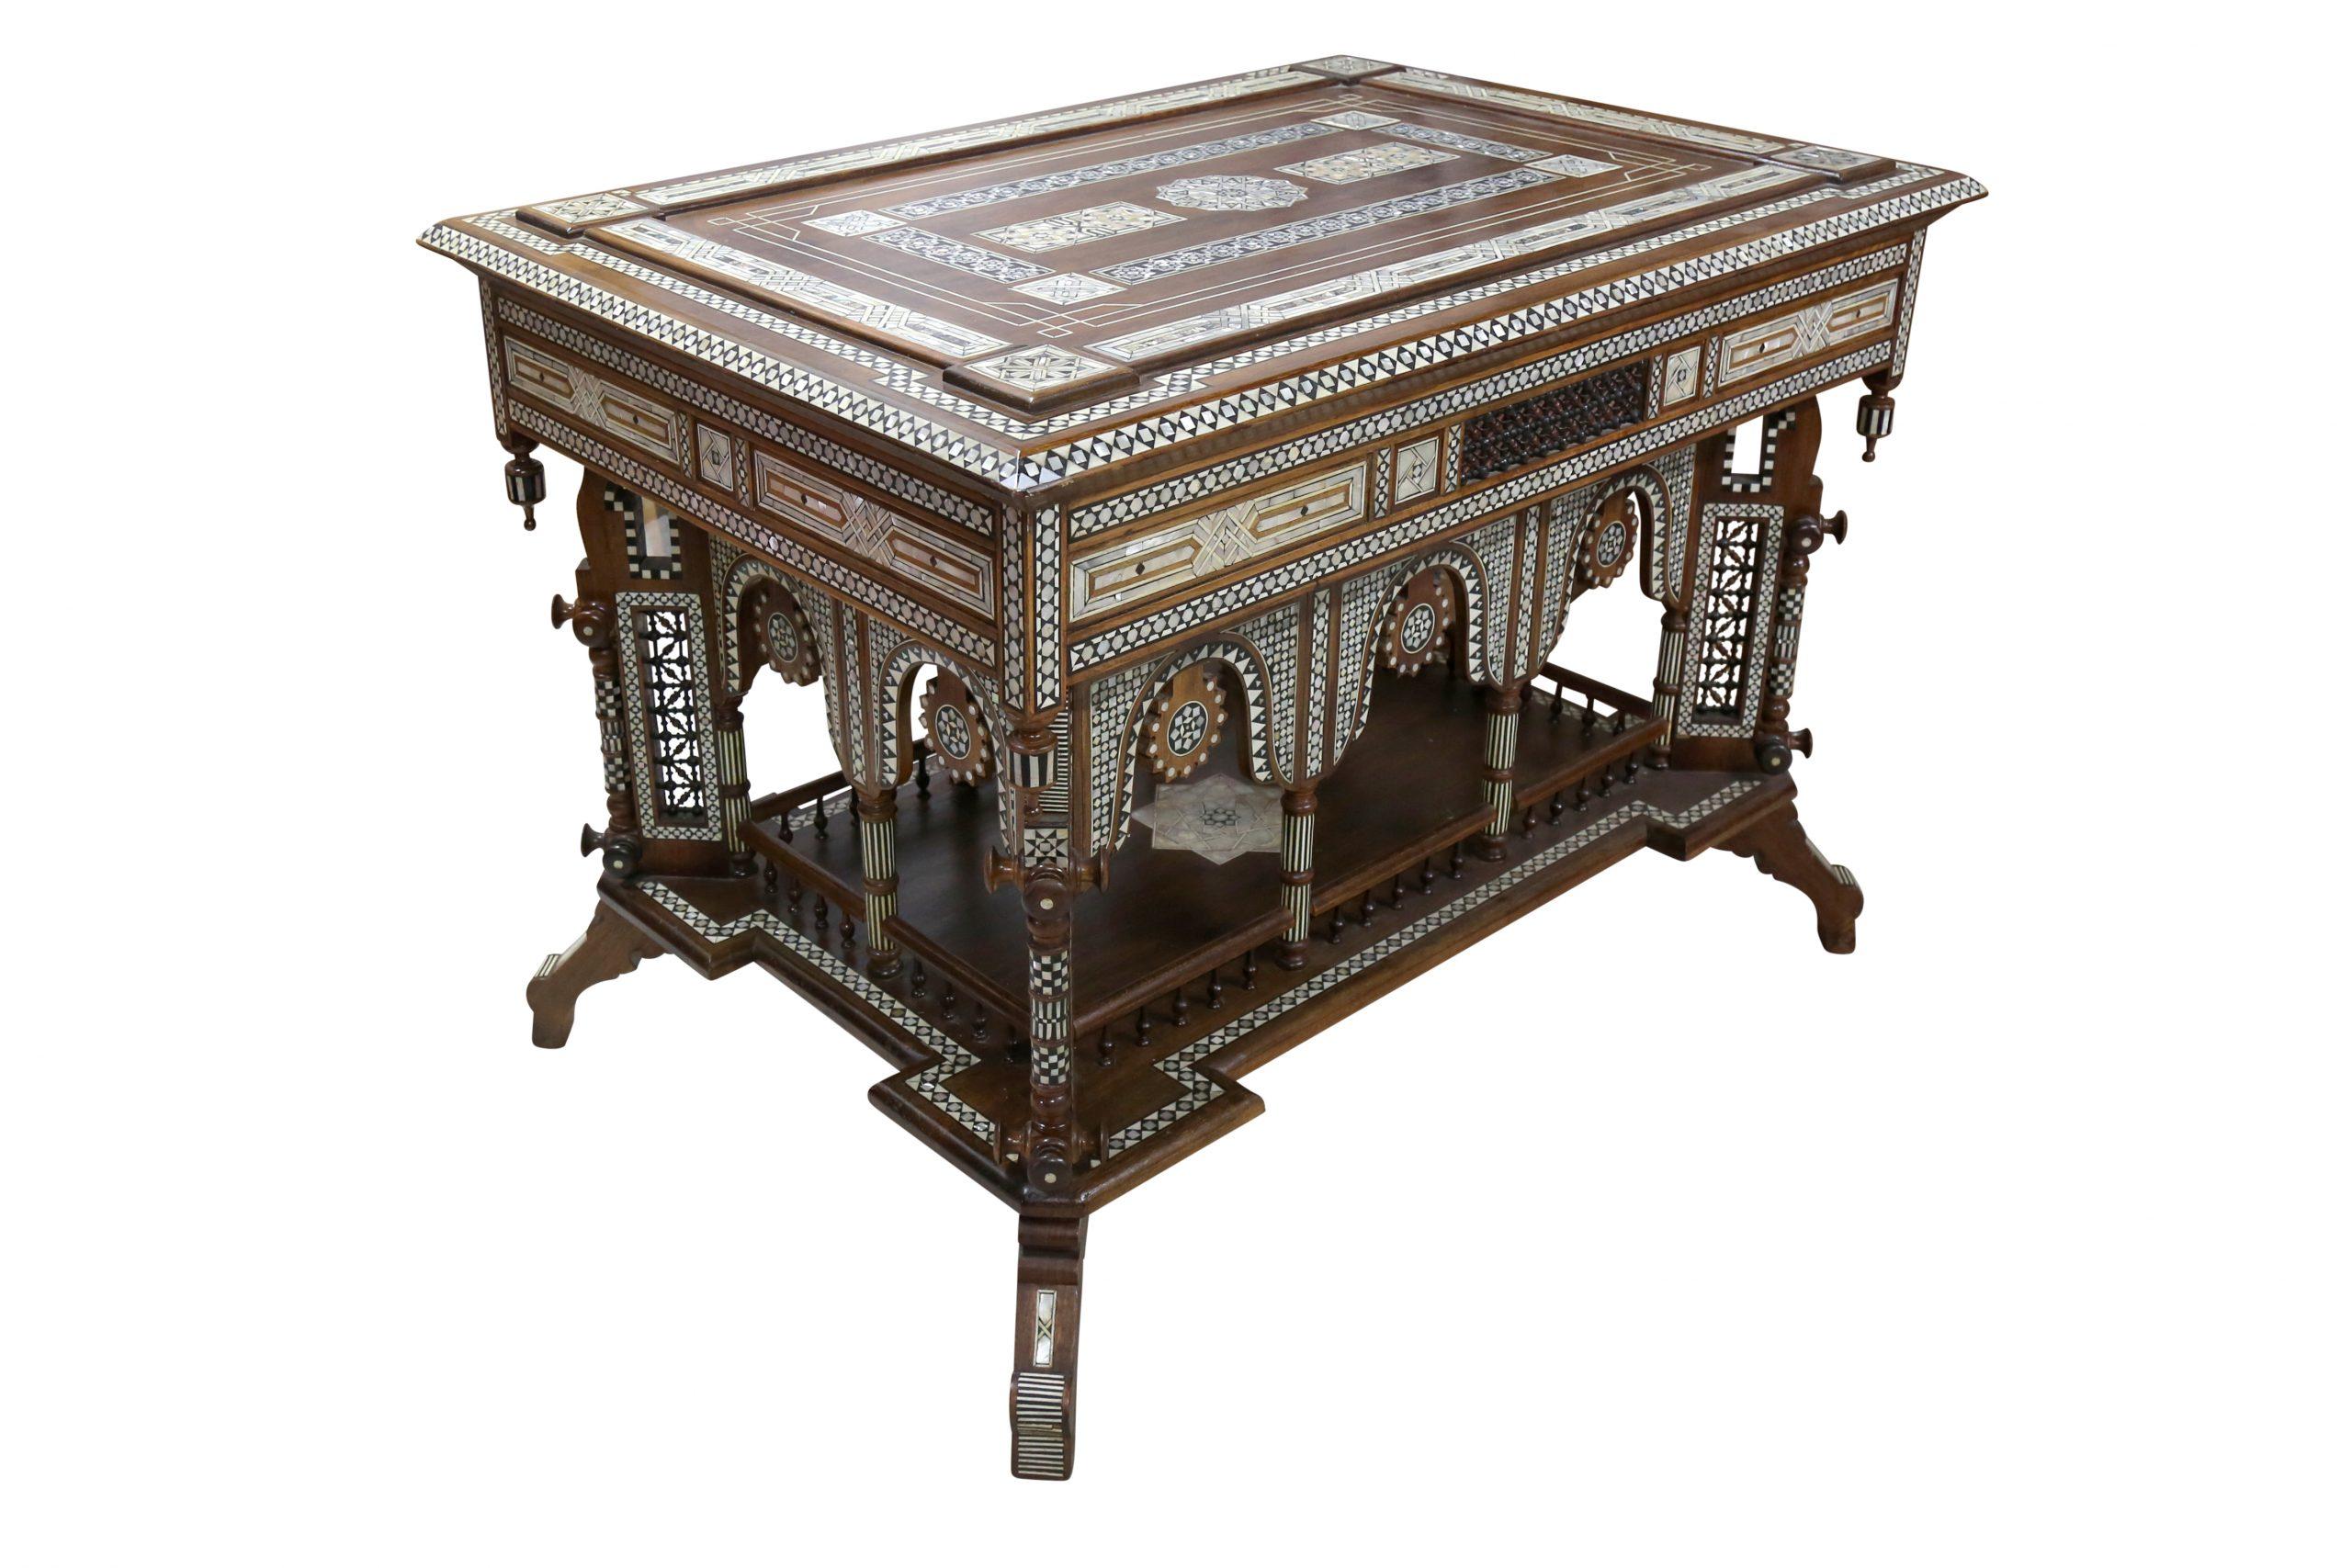 λ a large and impressive hardwood Mother-of-Pearl and Ivory-Inlaid orientalist table. Italy or France, late 19th - early 20th century. Estimate £3,000 - £5,000